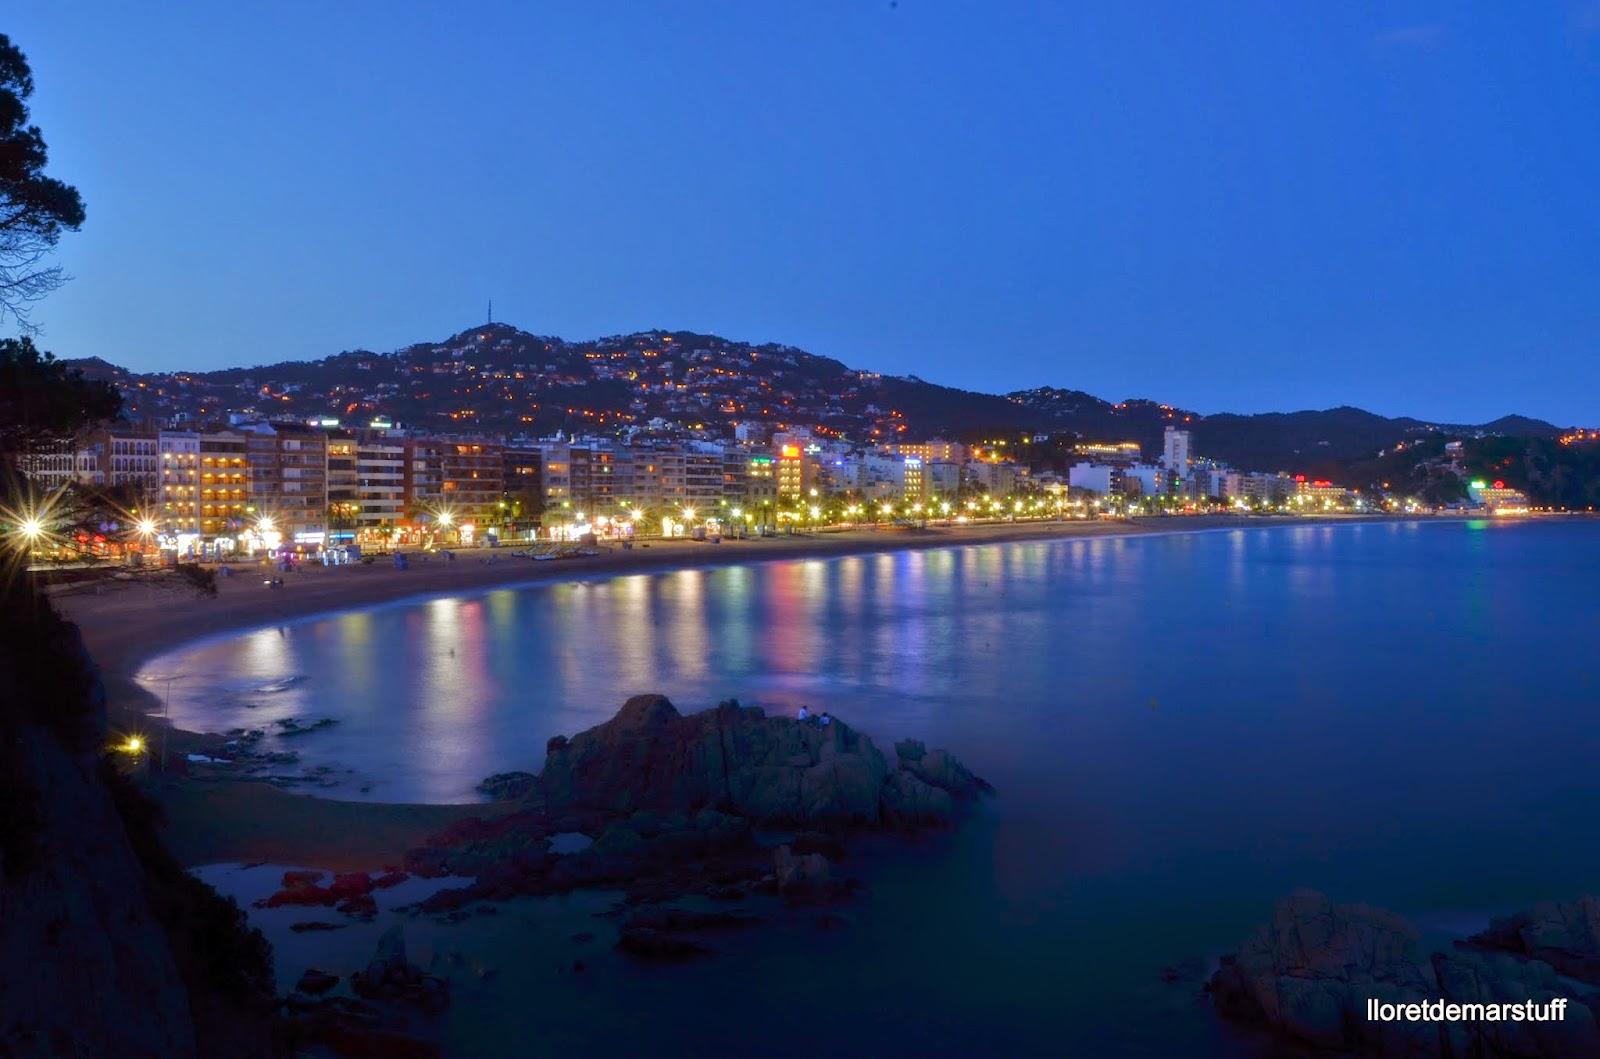 Lloret de Mar Stuff: Lloret de Mar by Night